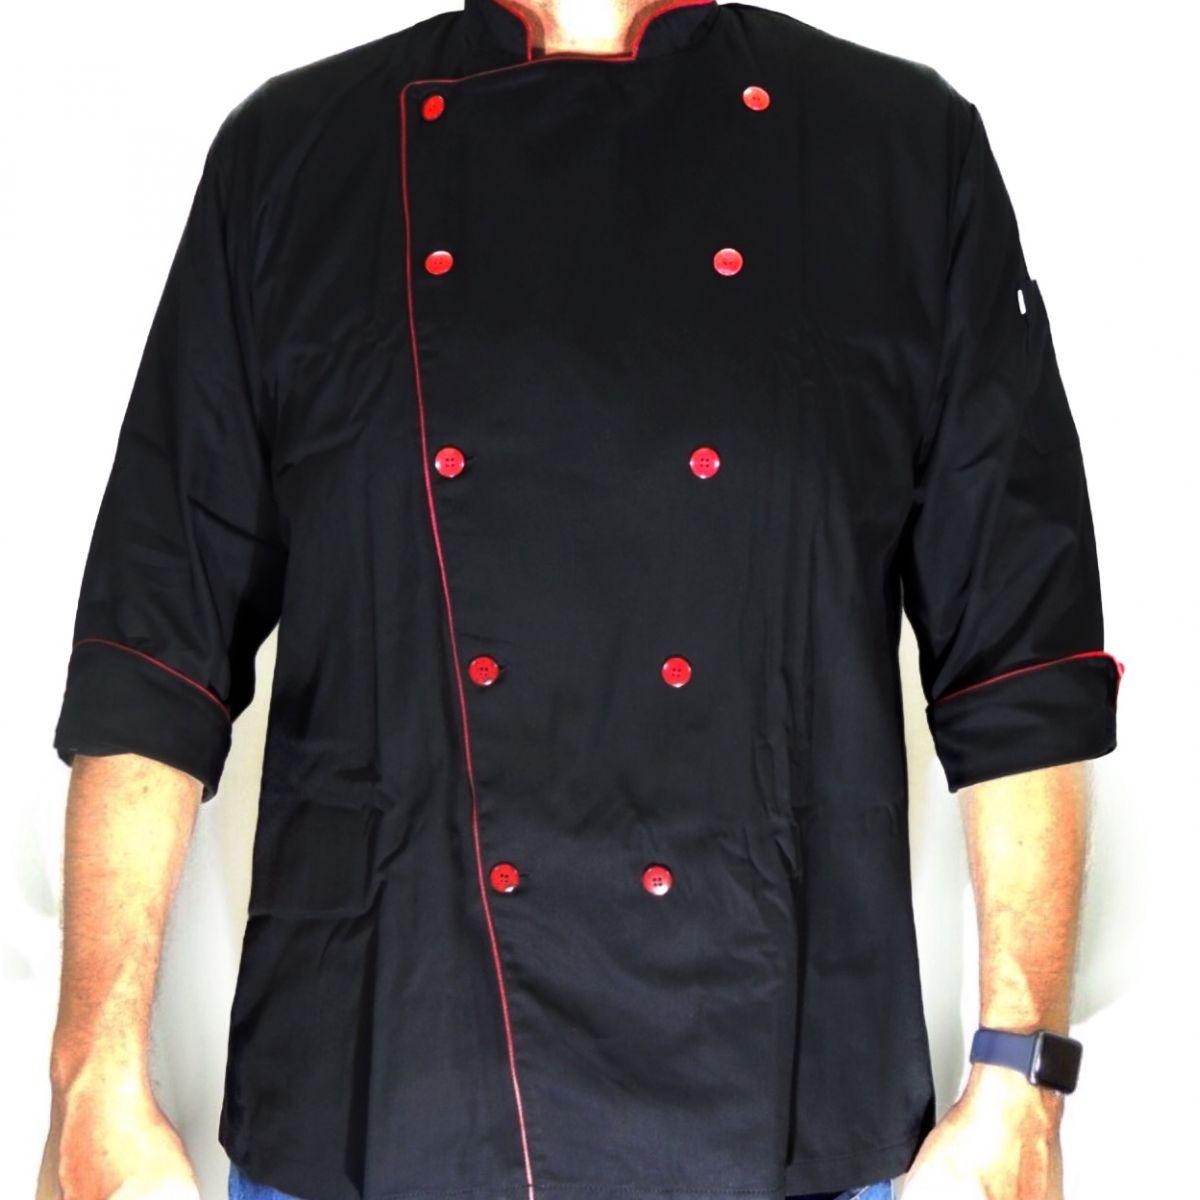 Dólmã Clássico Unissex PRETO Red Beater com vivo e botões vermelhos 100% Algodão